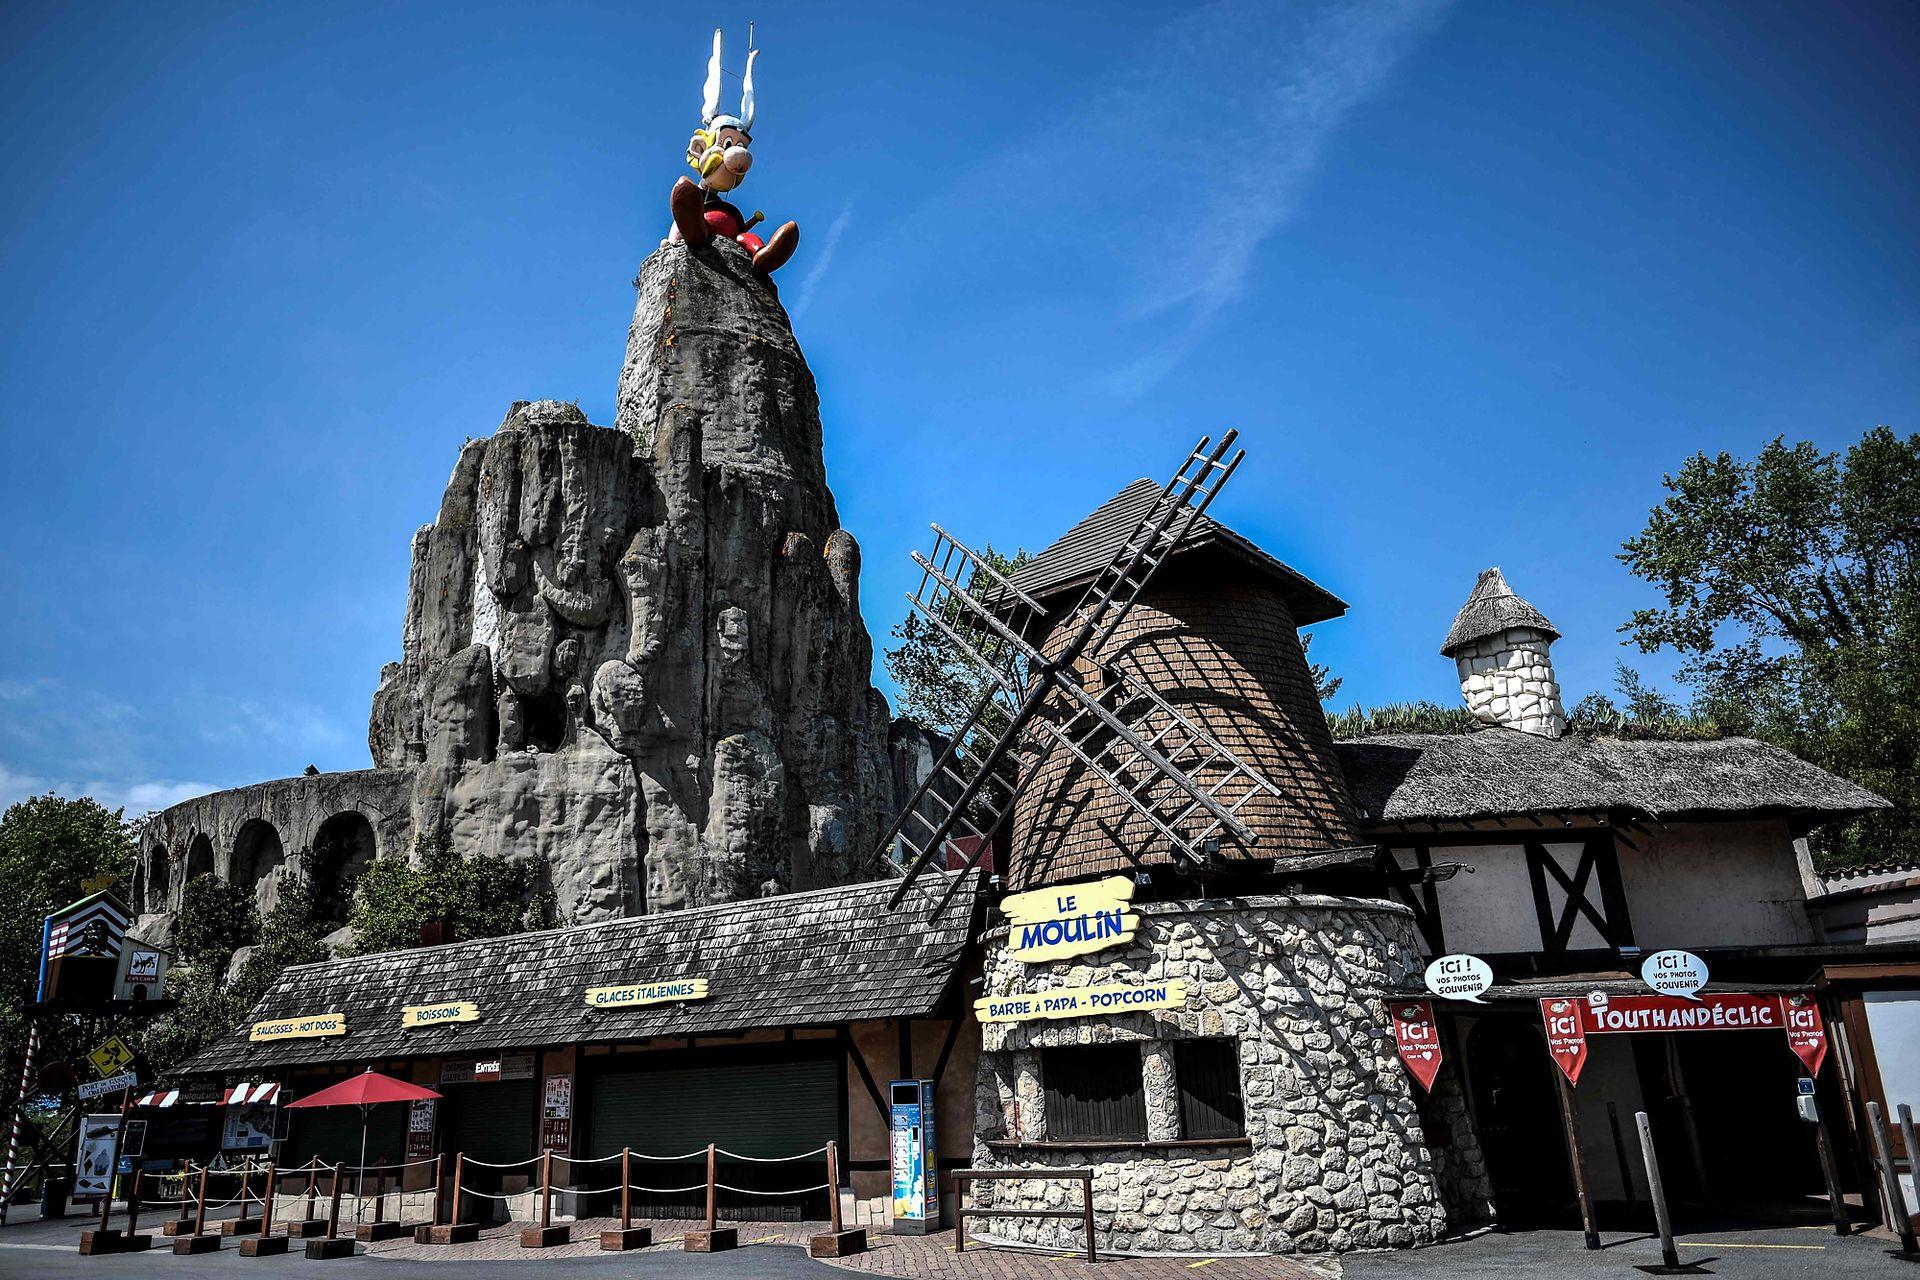 Parc Asterix se encuentra ubicado a 35 km al norte de París, su ubicación es estratégica ya que es de fácil acceso en auto y en transporte público